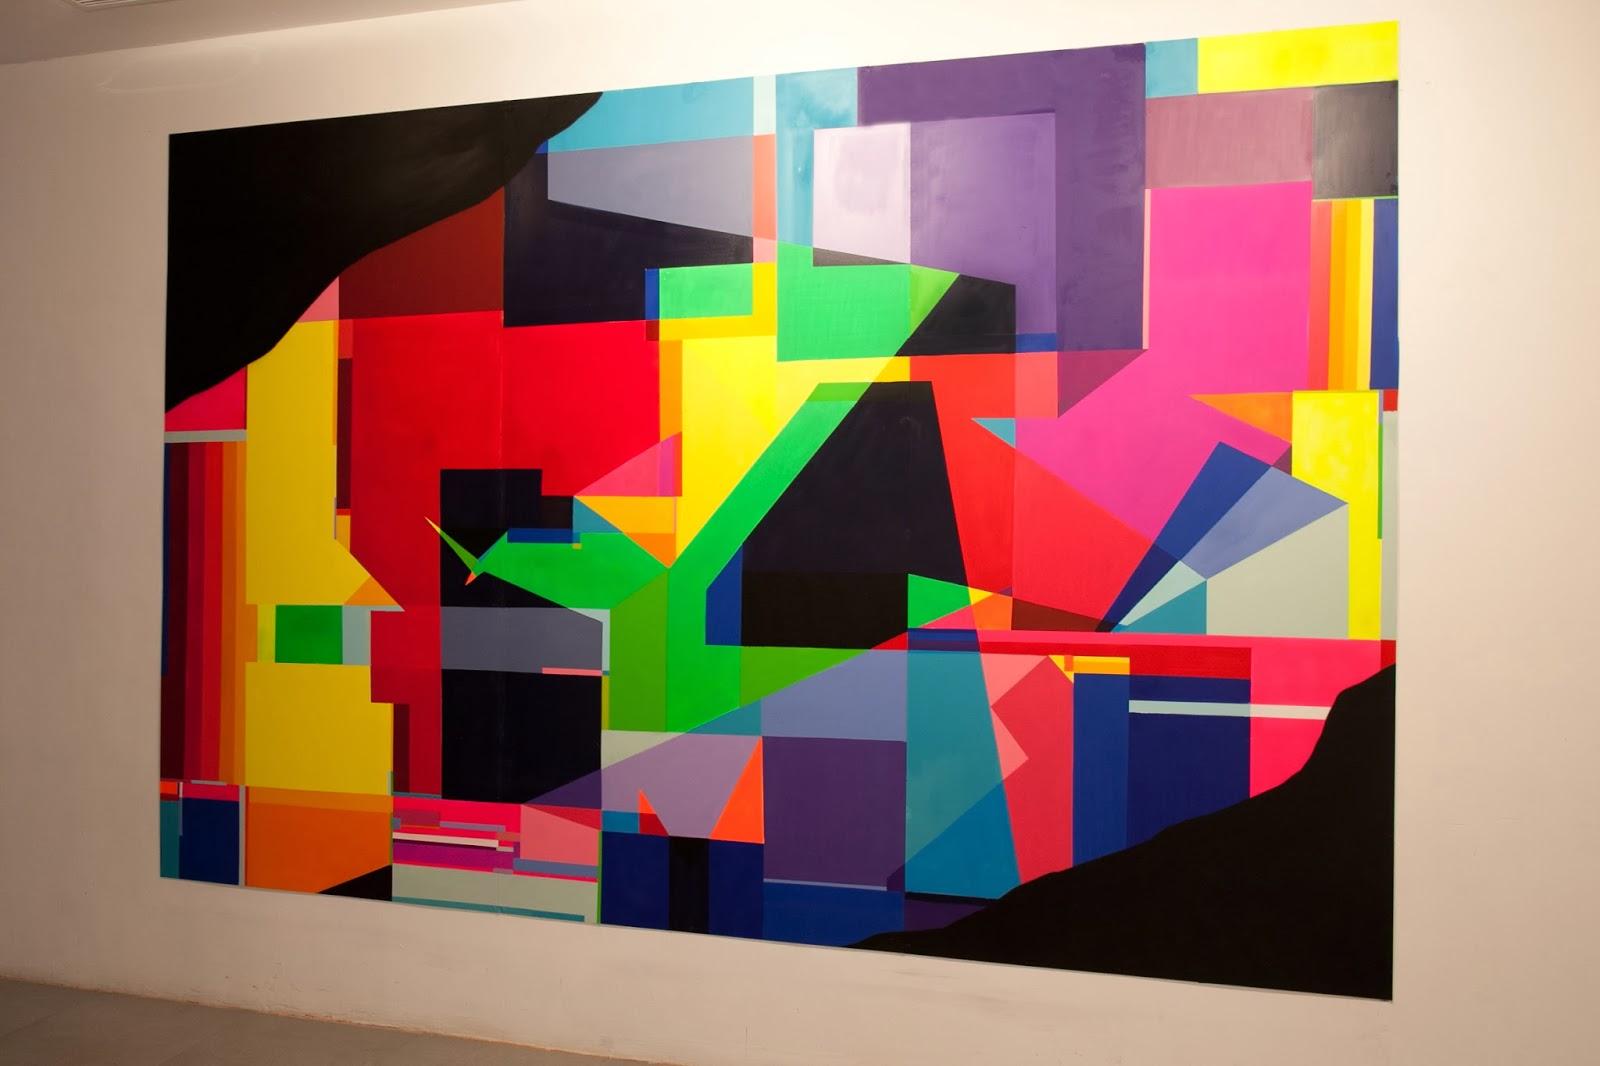 felipe-pantone-and-demsky-ultradinamica-at-galeria-mr-pink-06